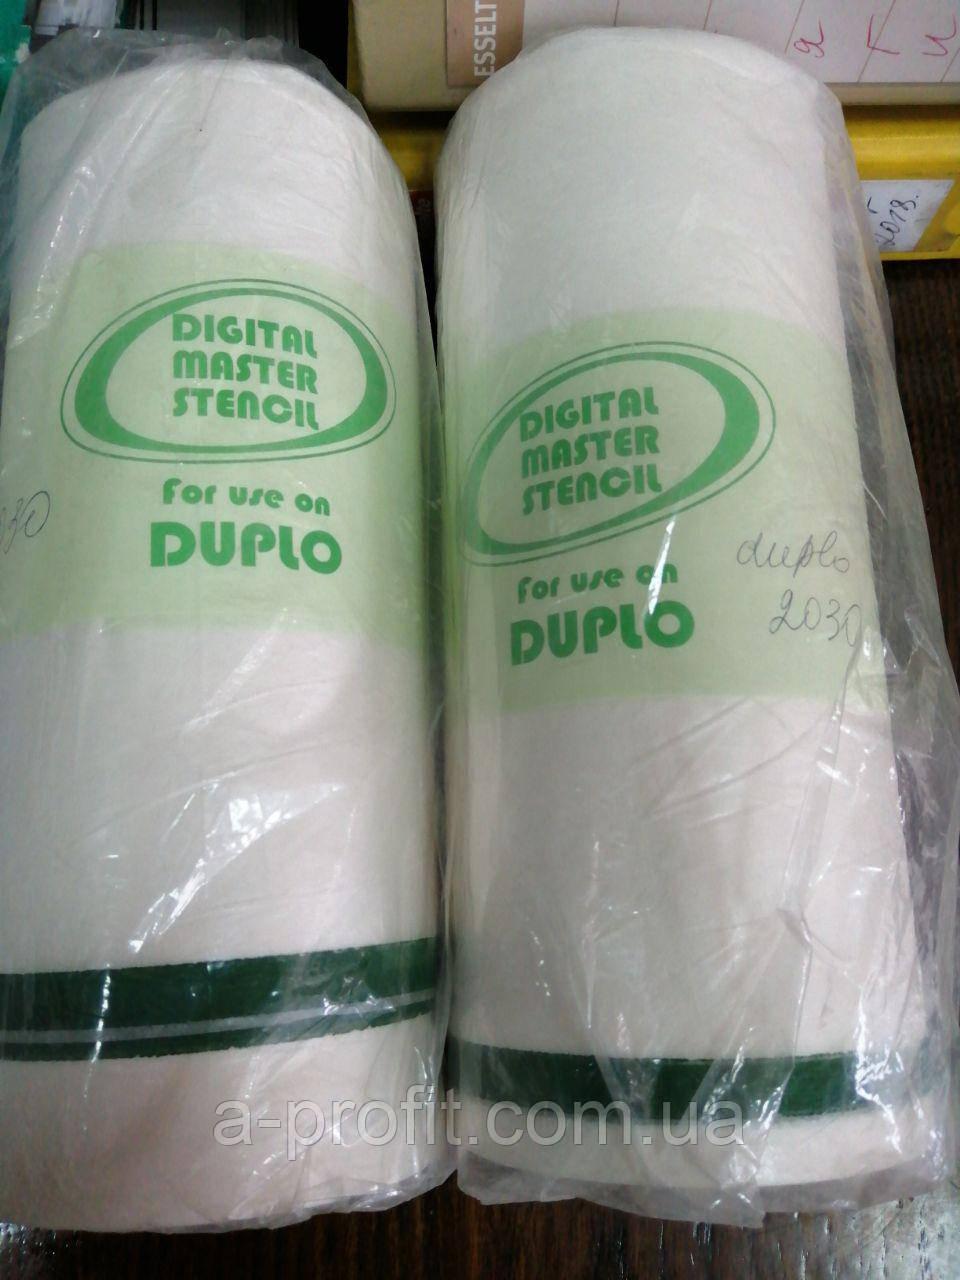 Мастер-пленка Janibis для Duplo A4 для DUPLO DP-2030 (230mm x 132m)